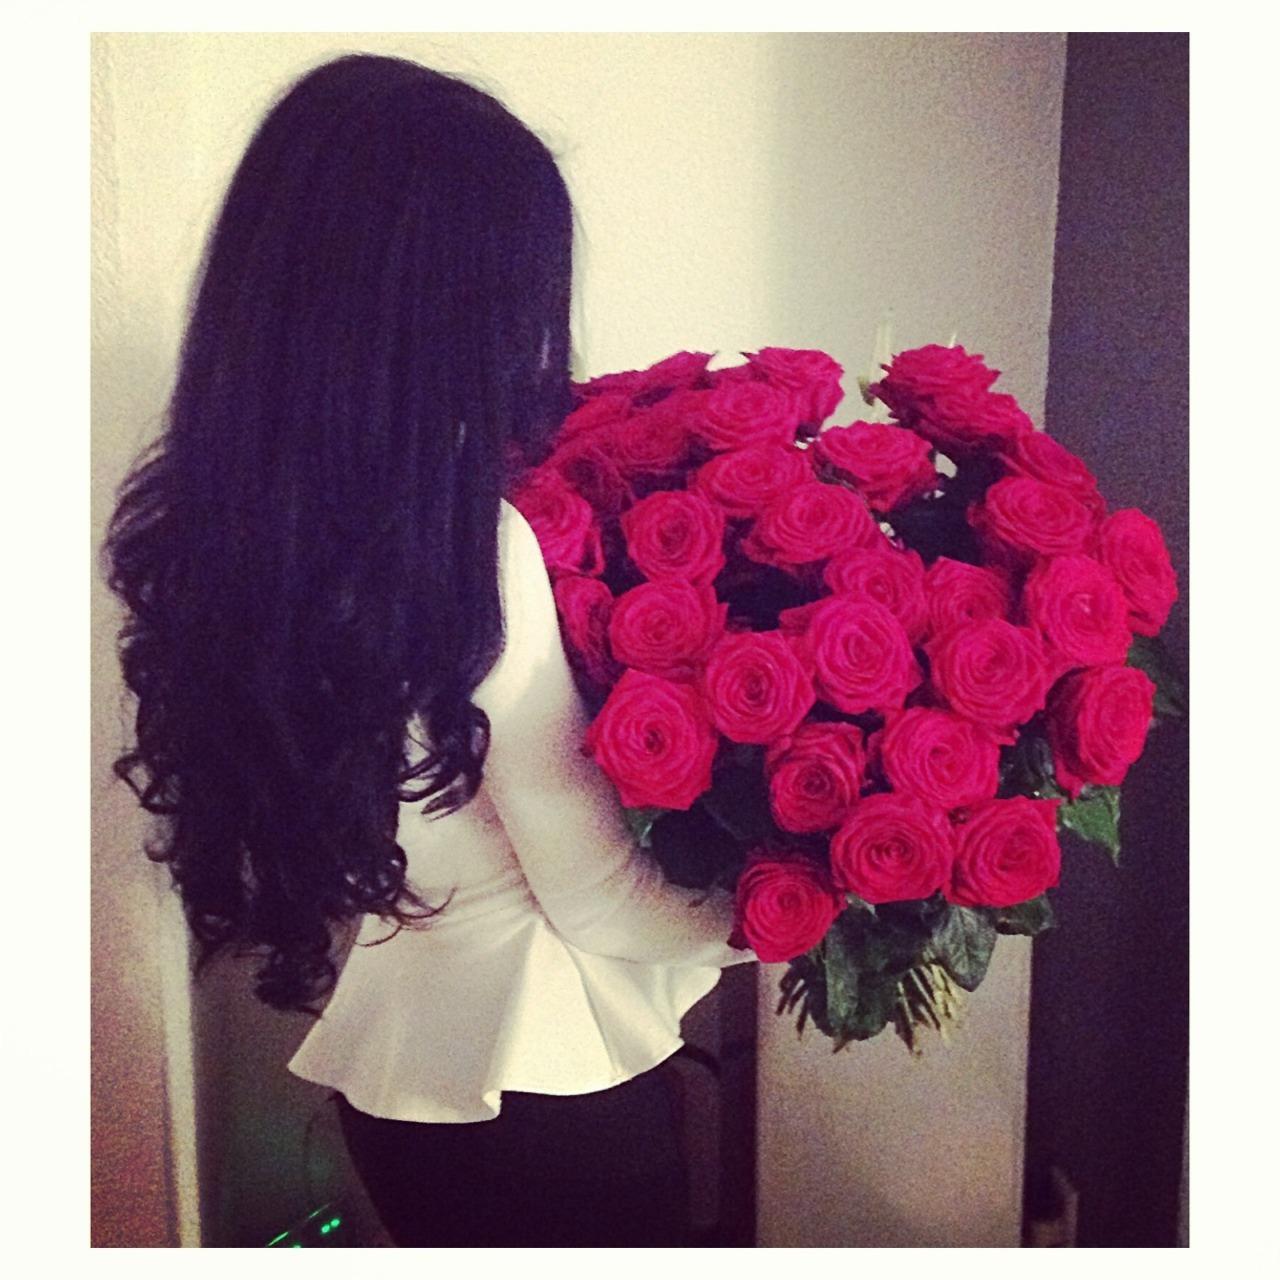 Девушка с букетом розами в руках фото на аву